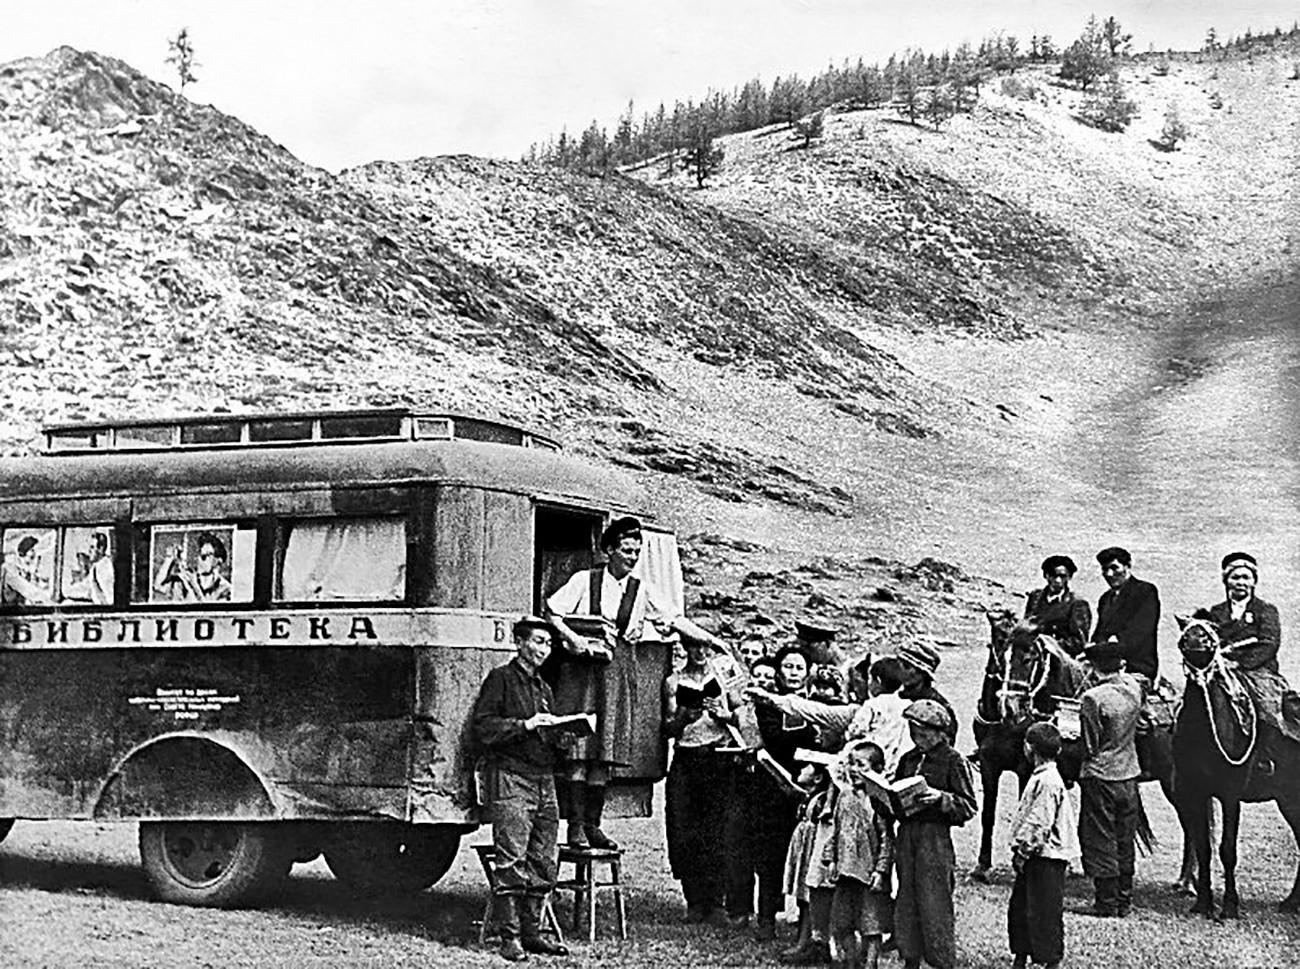 Perpustakaan keliling di Dyany Dyol kolkhoz, Altai, 1937 - 1939.